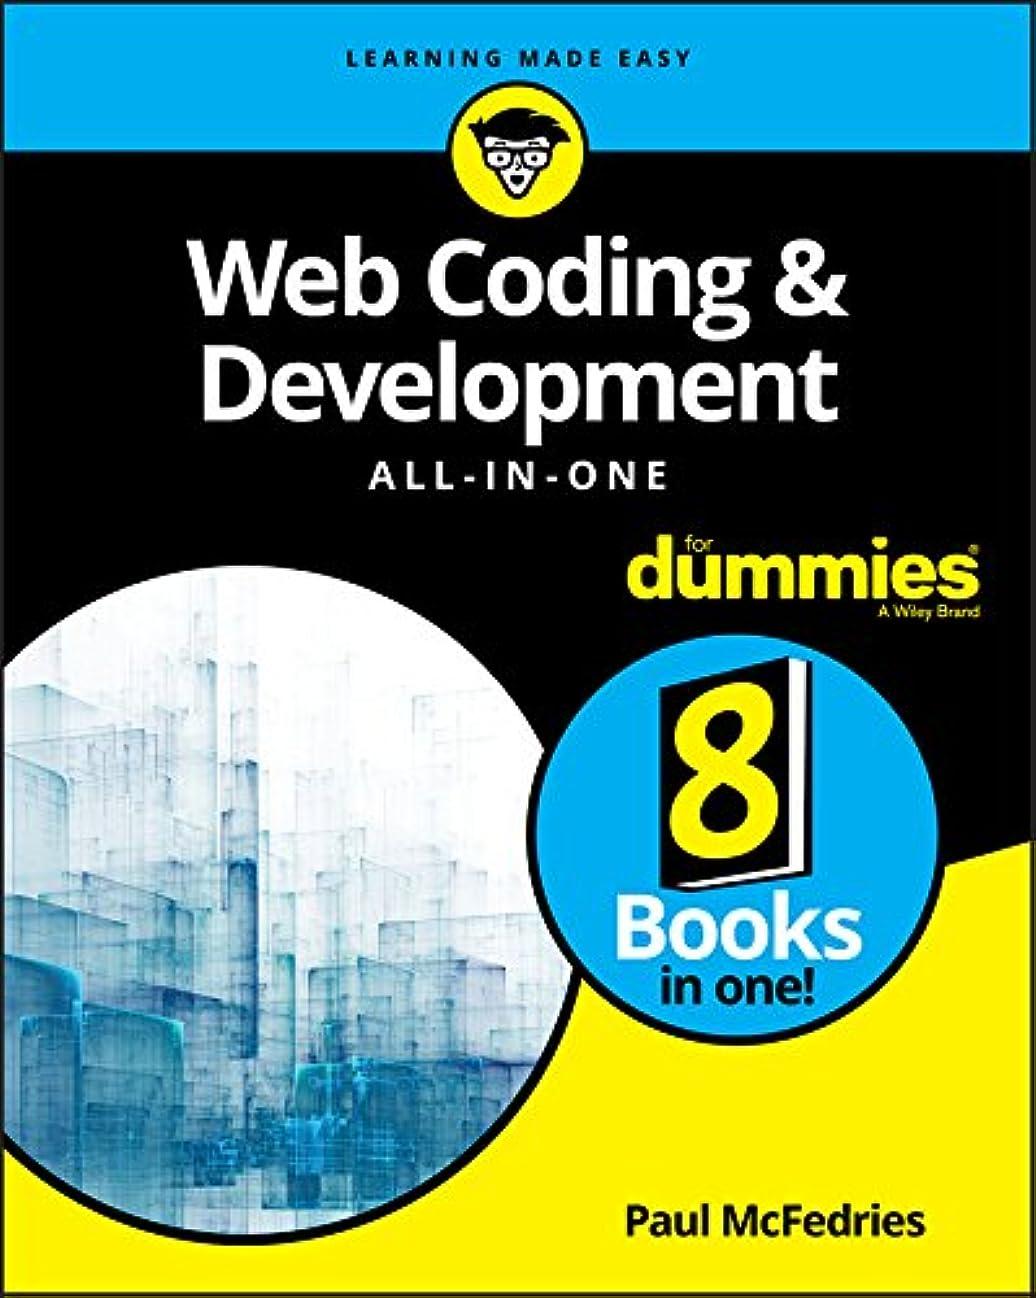 であること記念碑工夫するWeb Coding & Development All-in-One For Dummies (For Dummies (Computer/Tech)) (English Edition)